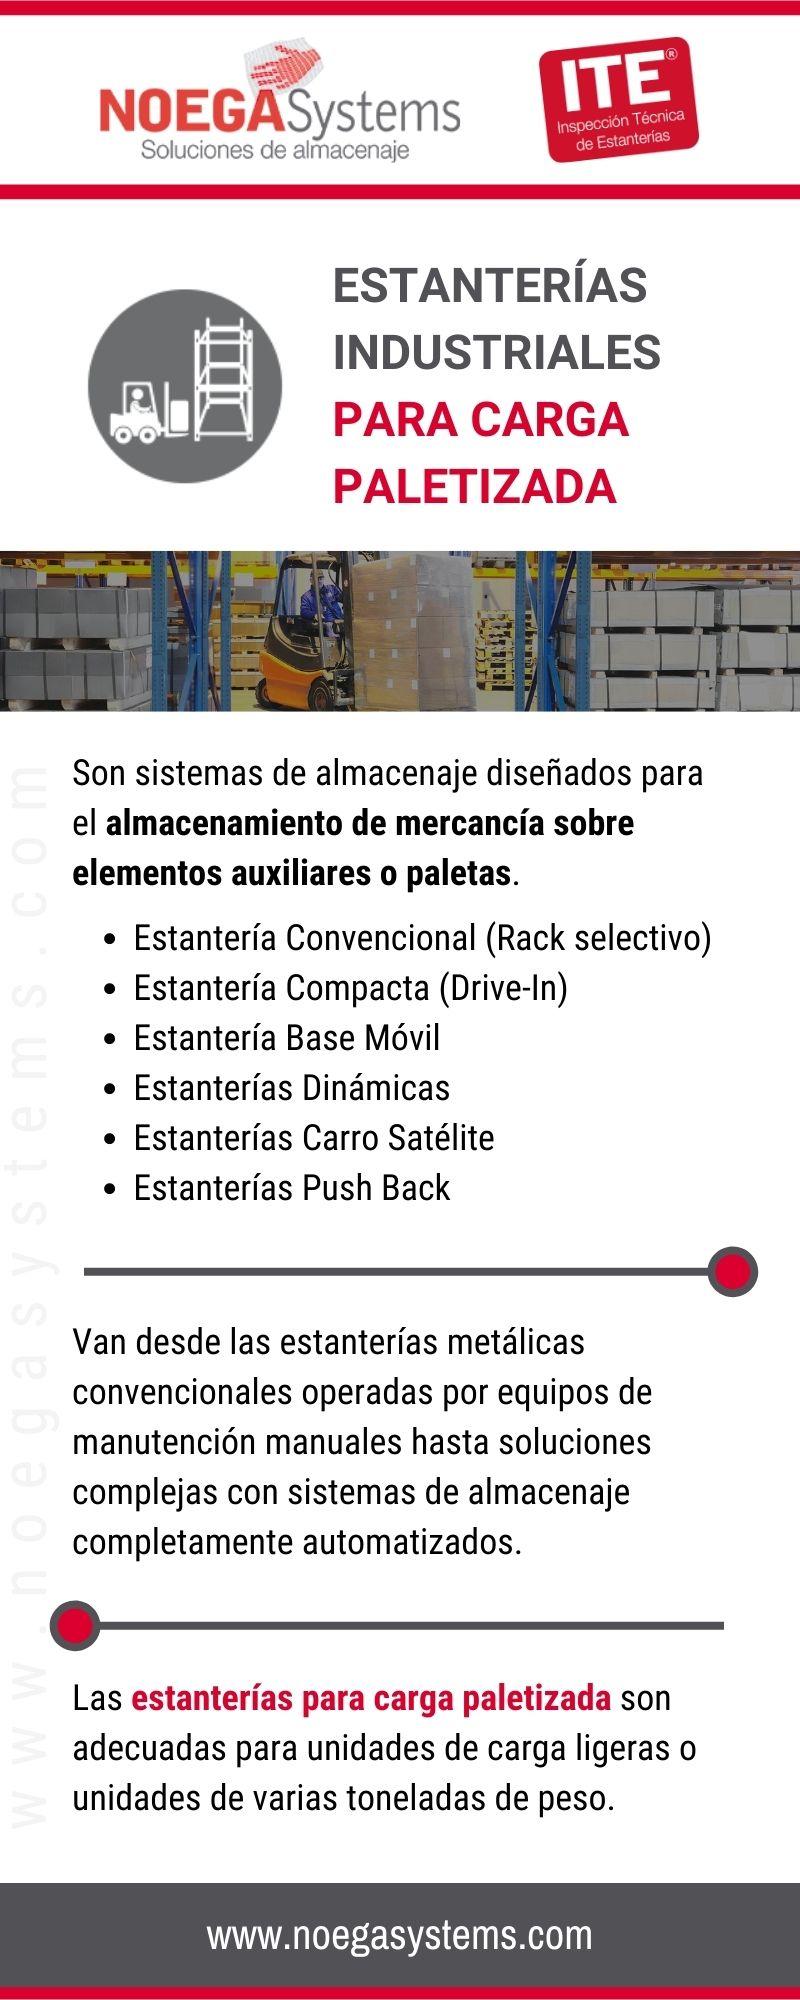 Infografía Estanterías Industriales para carga paletizada